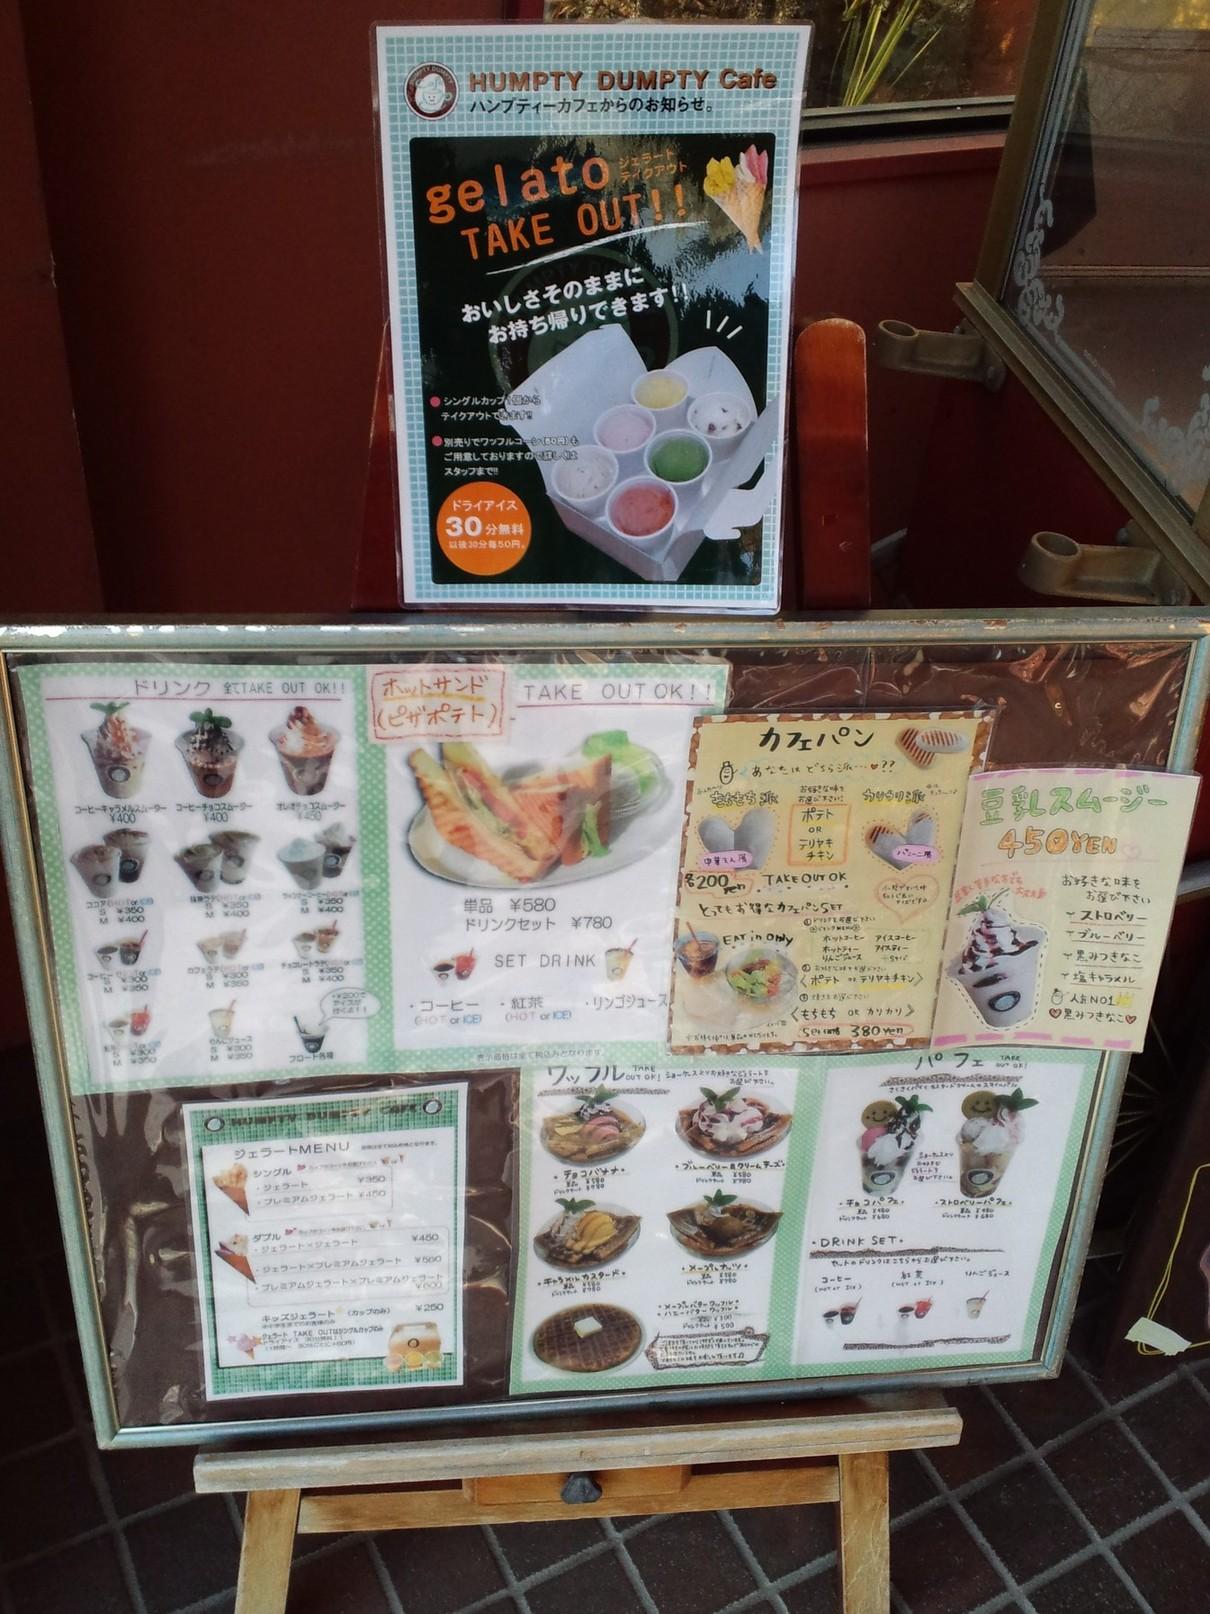 ハンプティー ダンプティー カフェ 太田飯塚店